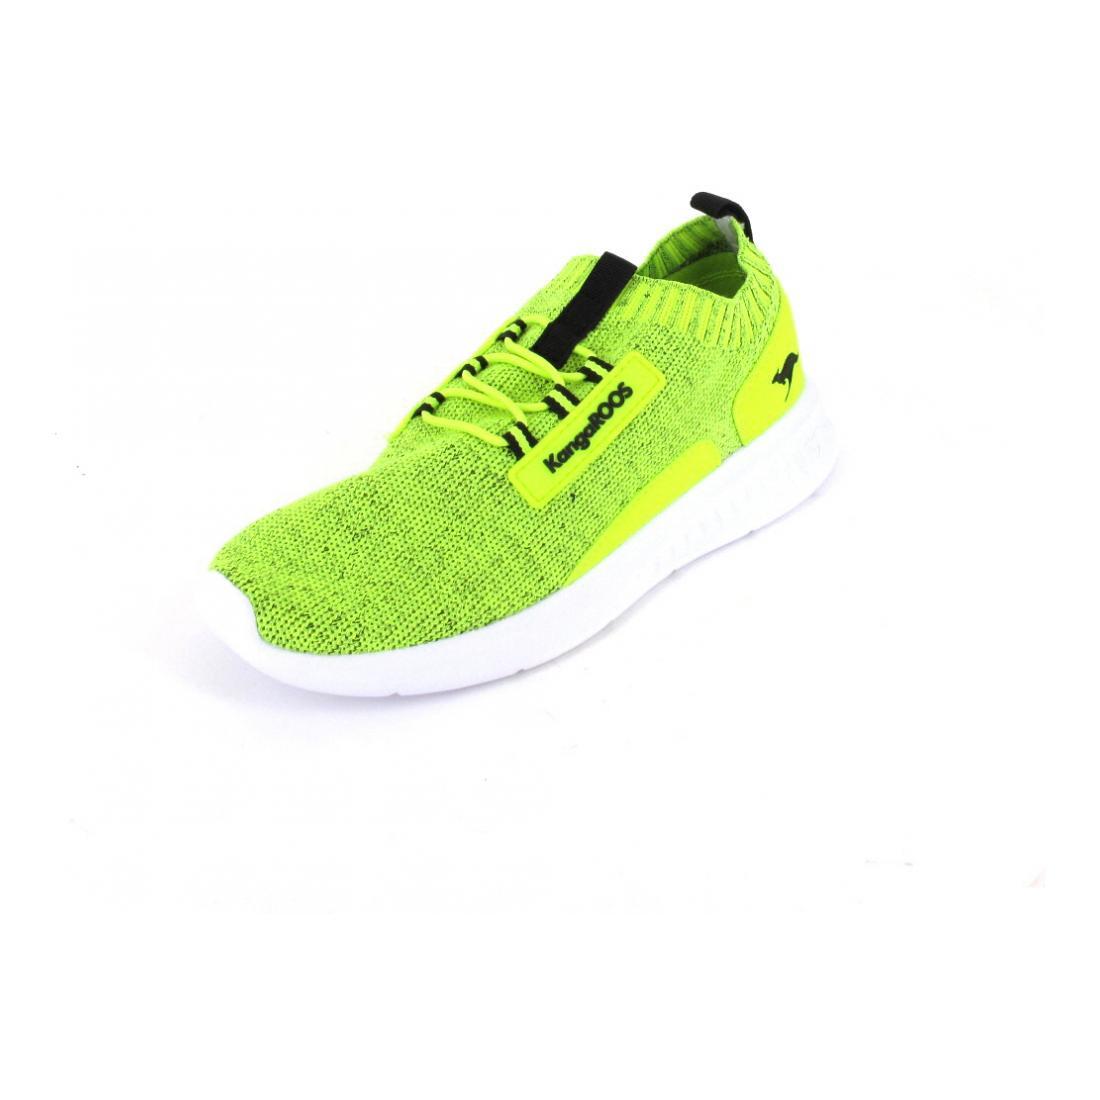 KangaRoos Sneaker KL-BASH